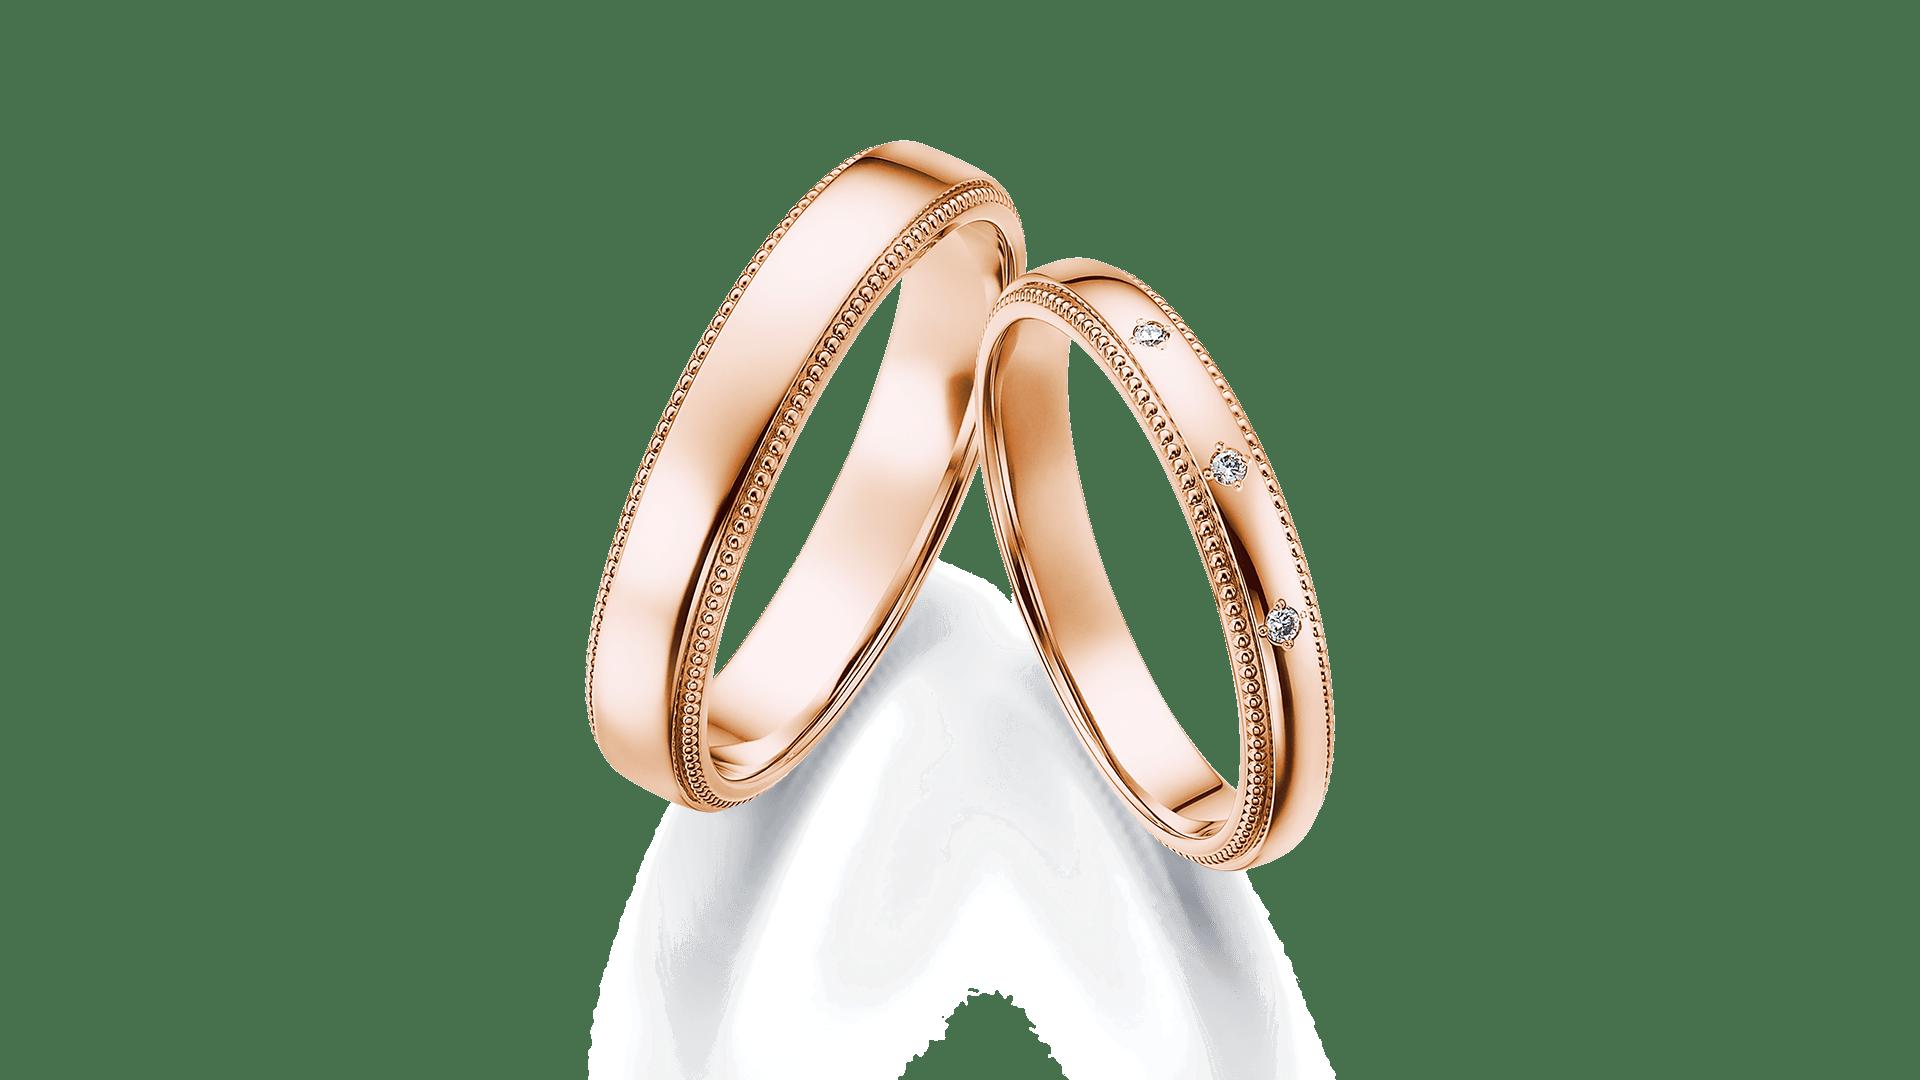 frey DR3 フレイ DR3   結婚指輪サムネイル 2